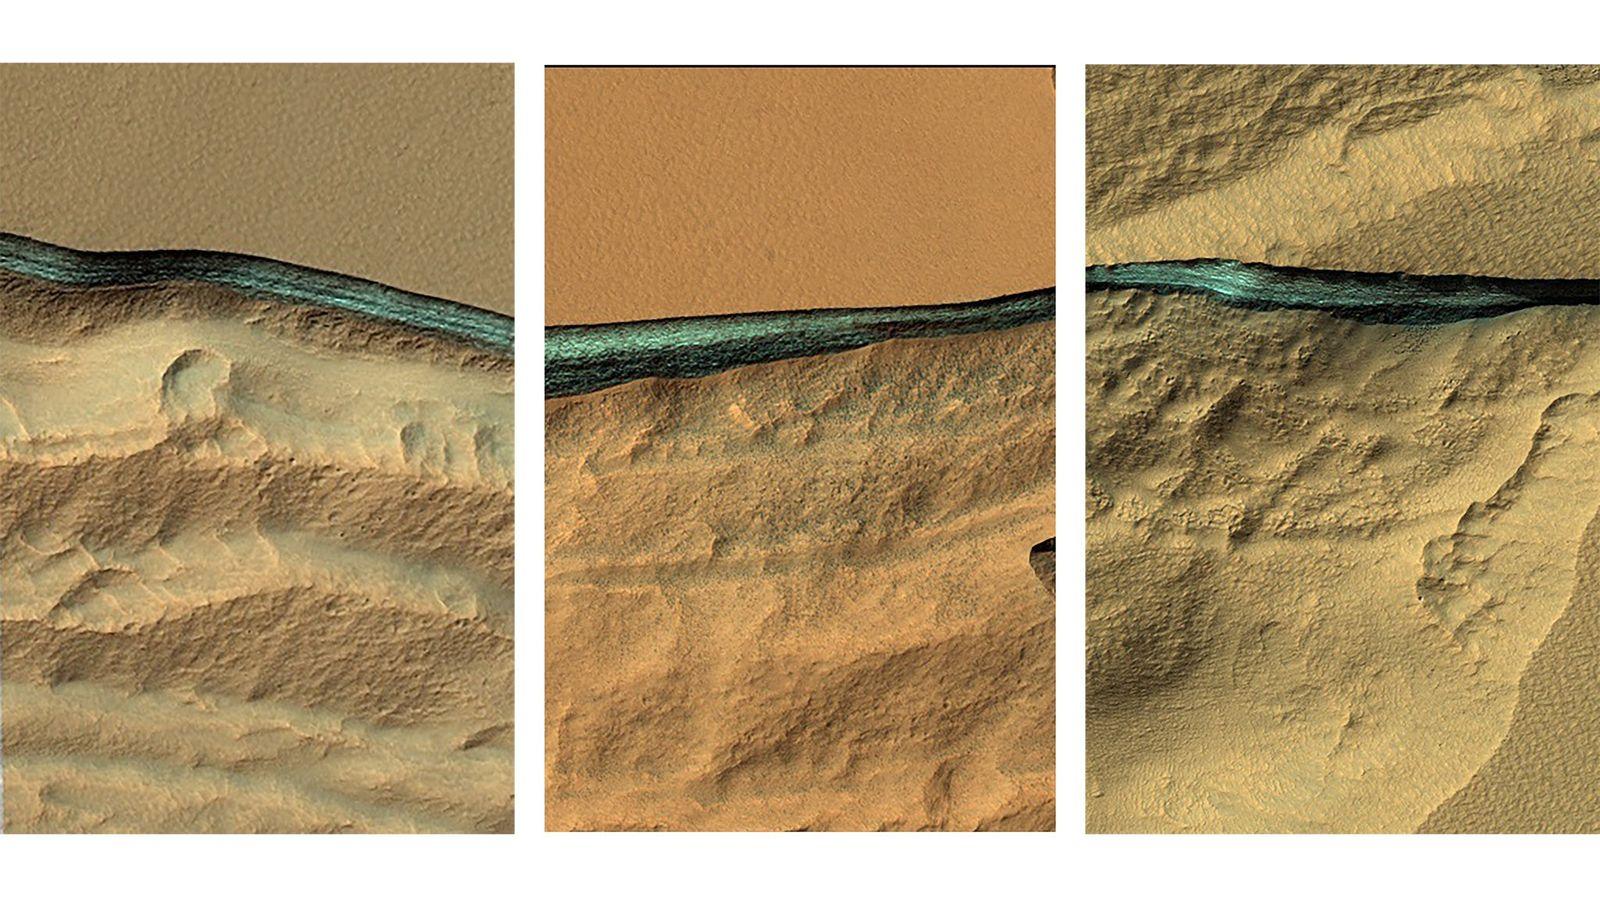 Erodierte Hänge in den mittleren Breitengraden des Mars offenbaren unterirdische Bänder eines bläulichen Materials. Spektralanalysen dieser ...